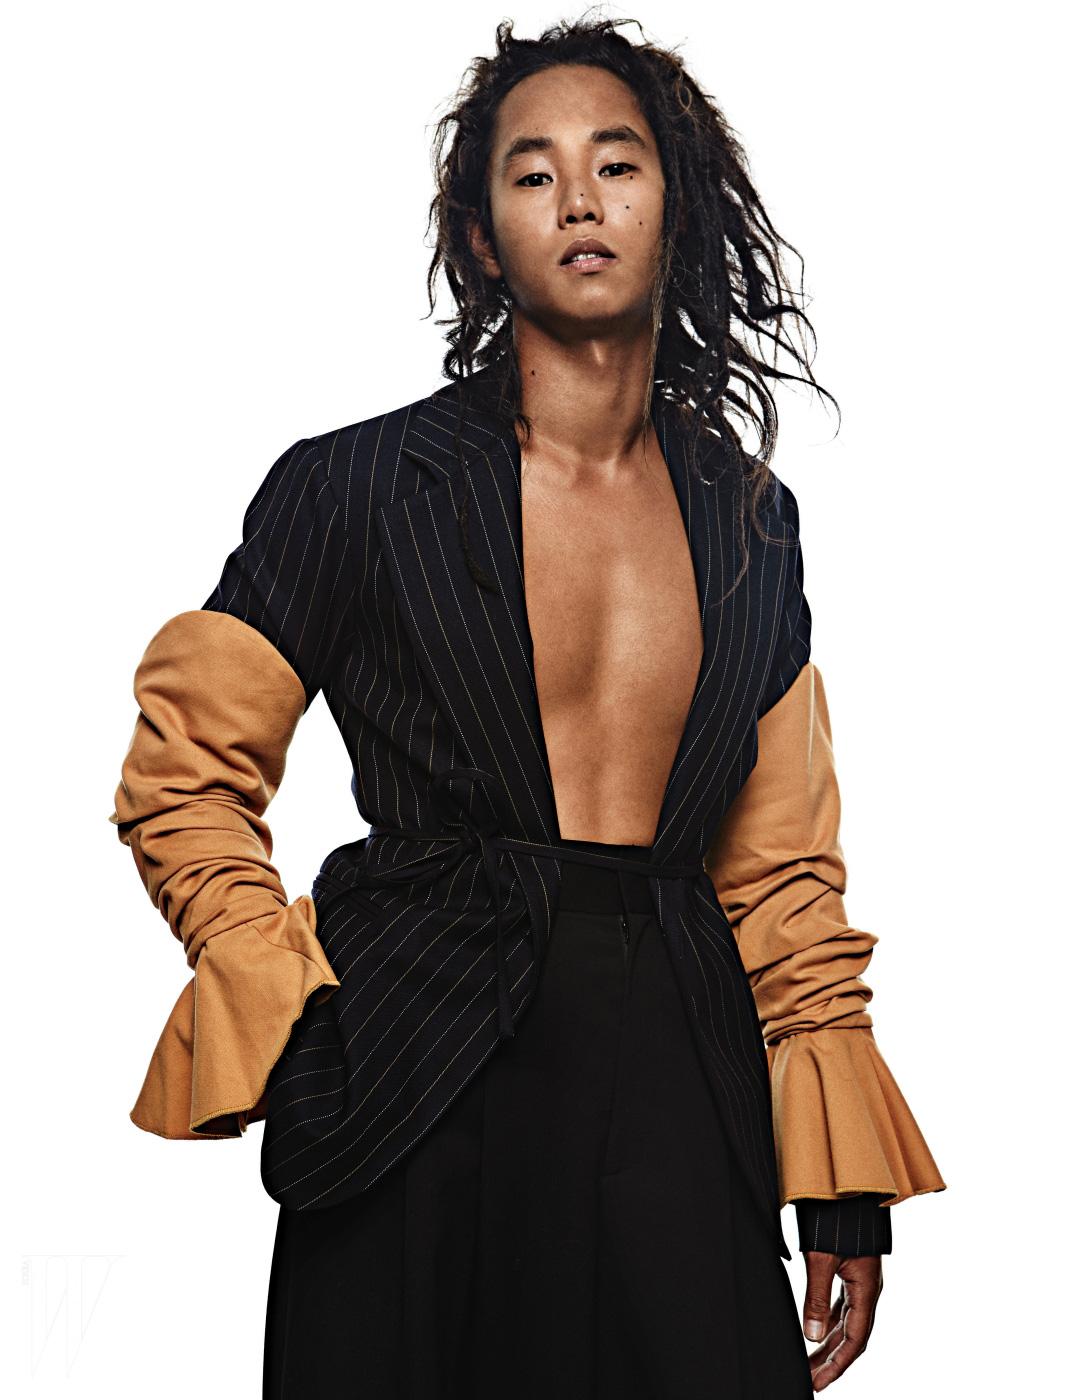 셔링 장식 핀 스트라이프 재킷은 Jacquemus by Tomgreyhound, 검정 와이드 팬츠는 Juun.J 제품.